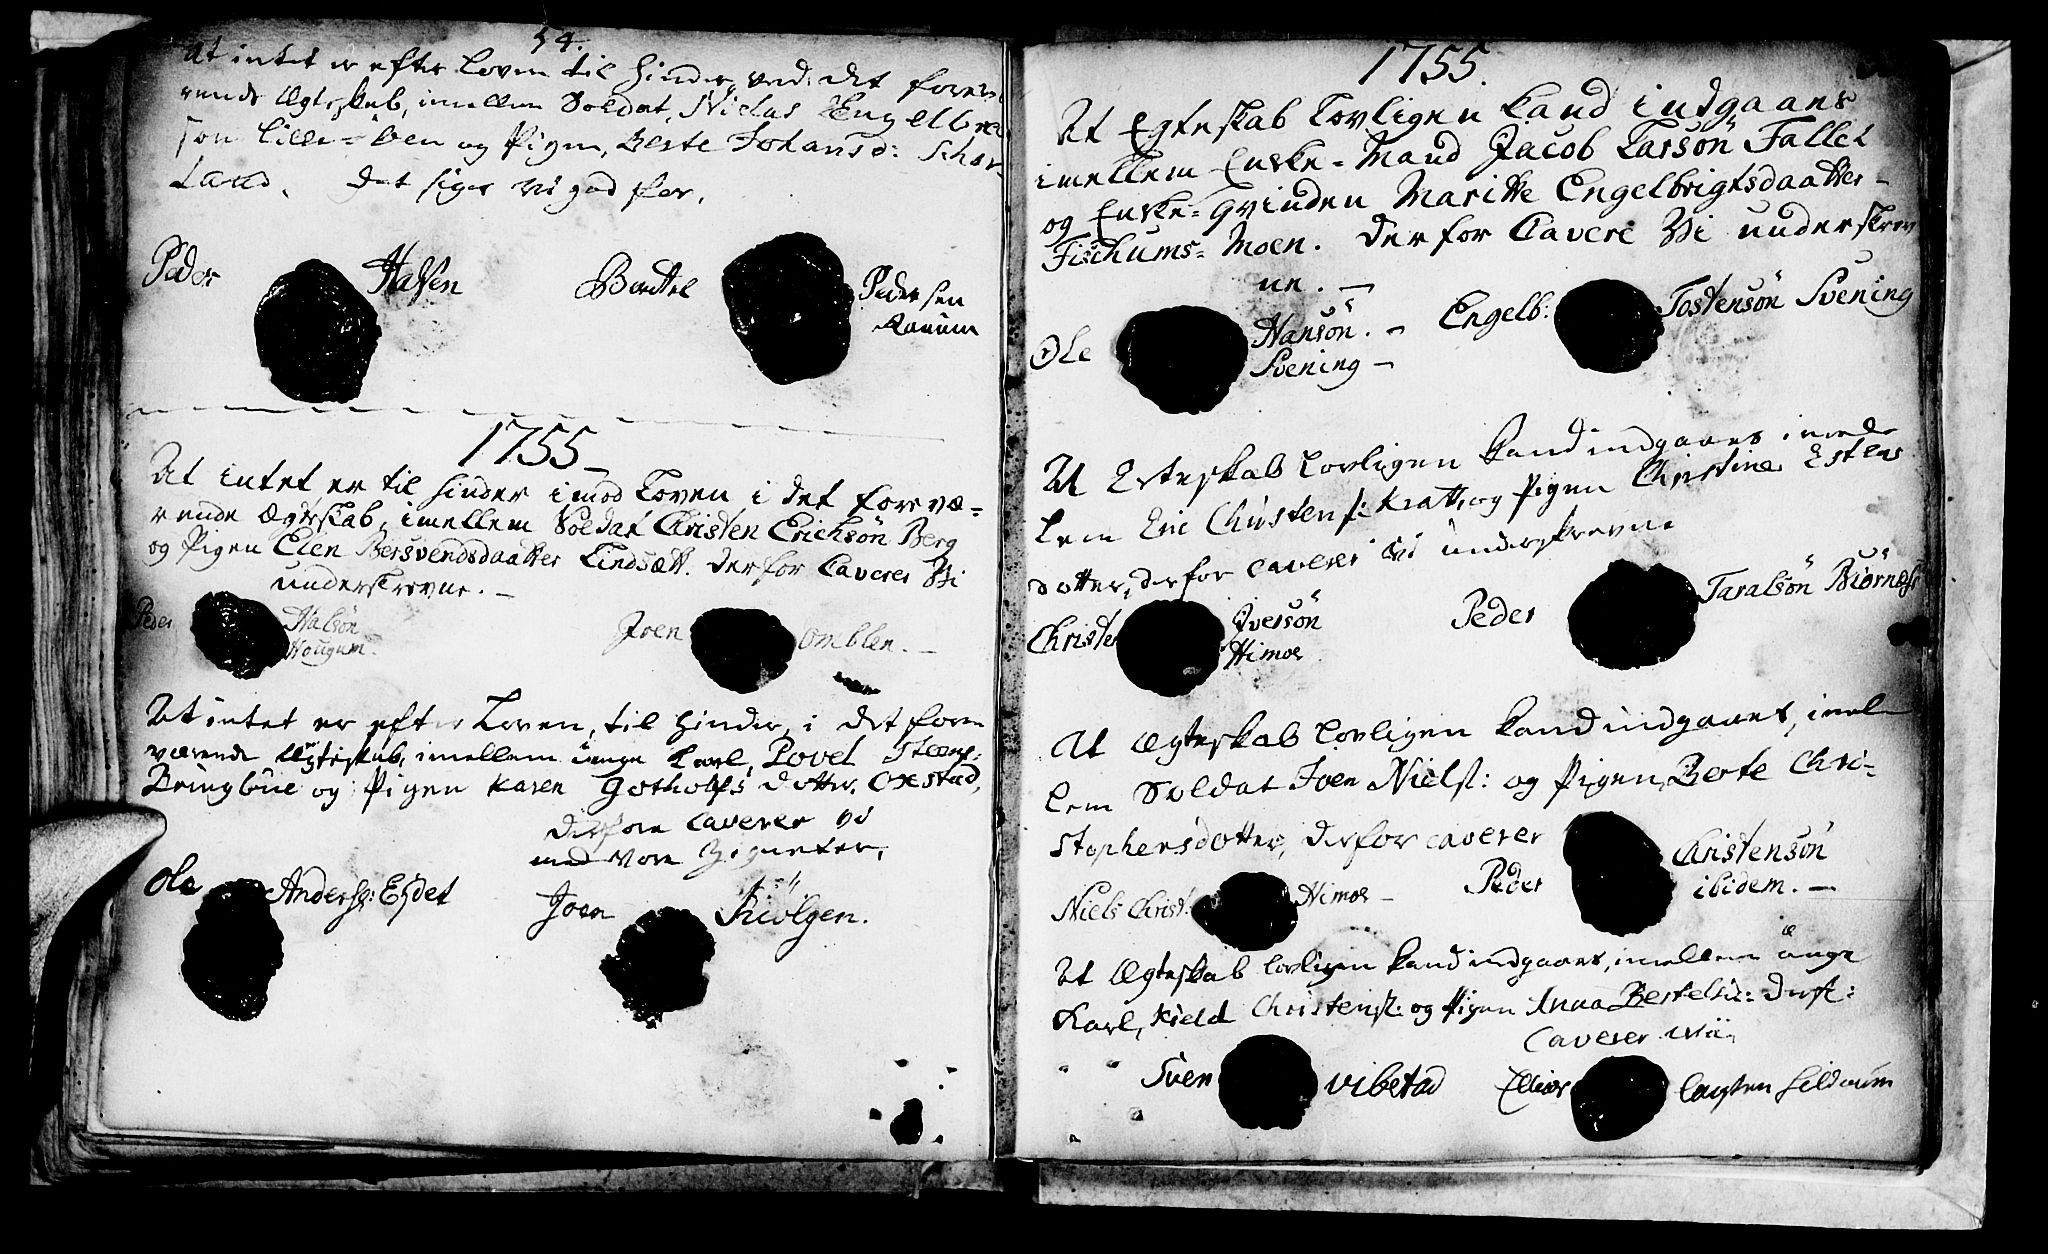 SAT, Ministerialprotokoller, klokkerbøker og fødselsregistre - Nord-Trøndelag, 764/L0541: Ministerialbok nr. 764A01, 1745-1758, s. 33